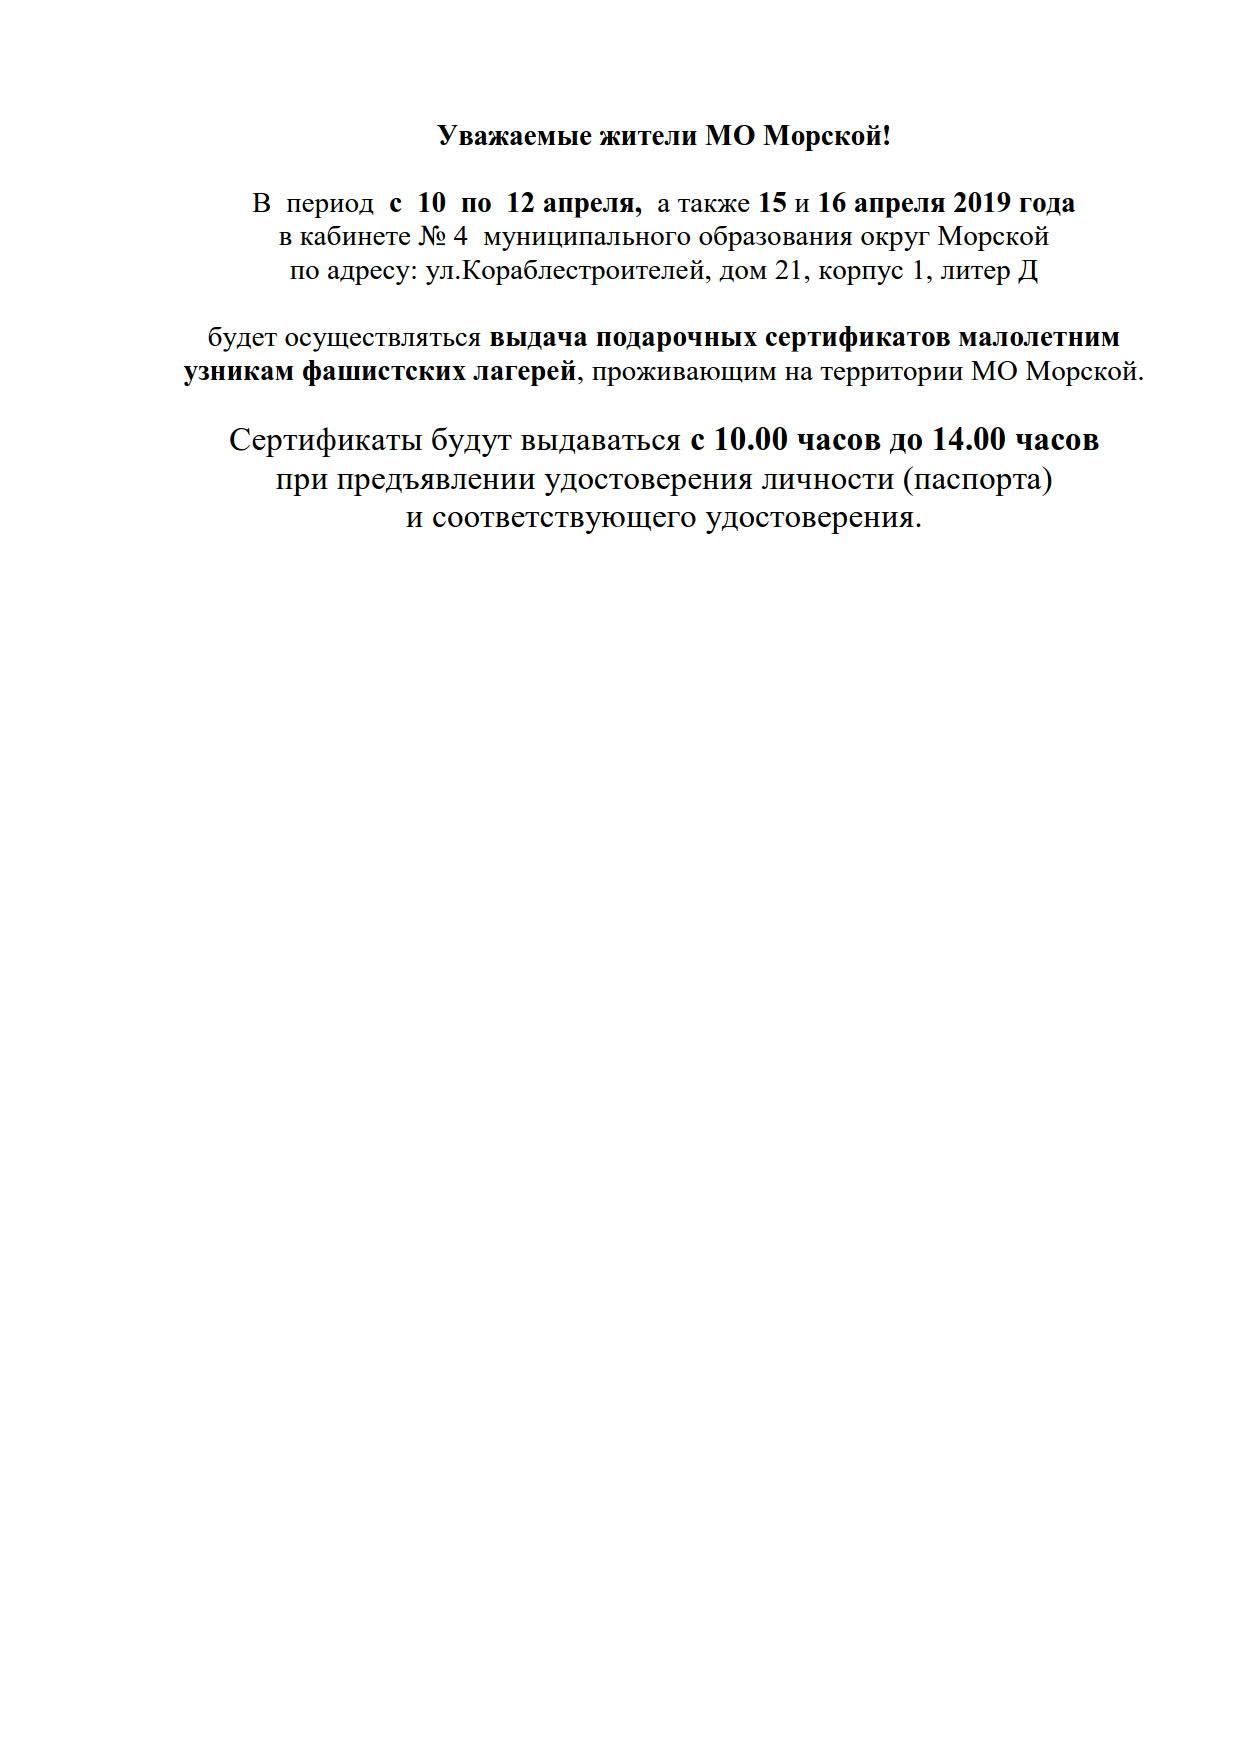 Сертификаты узникам_1